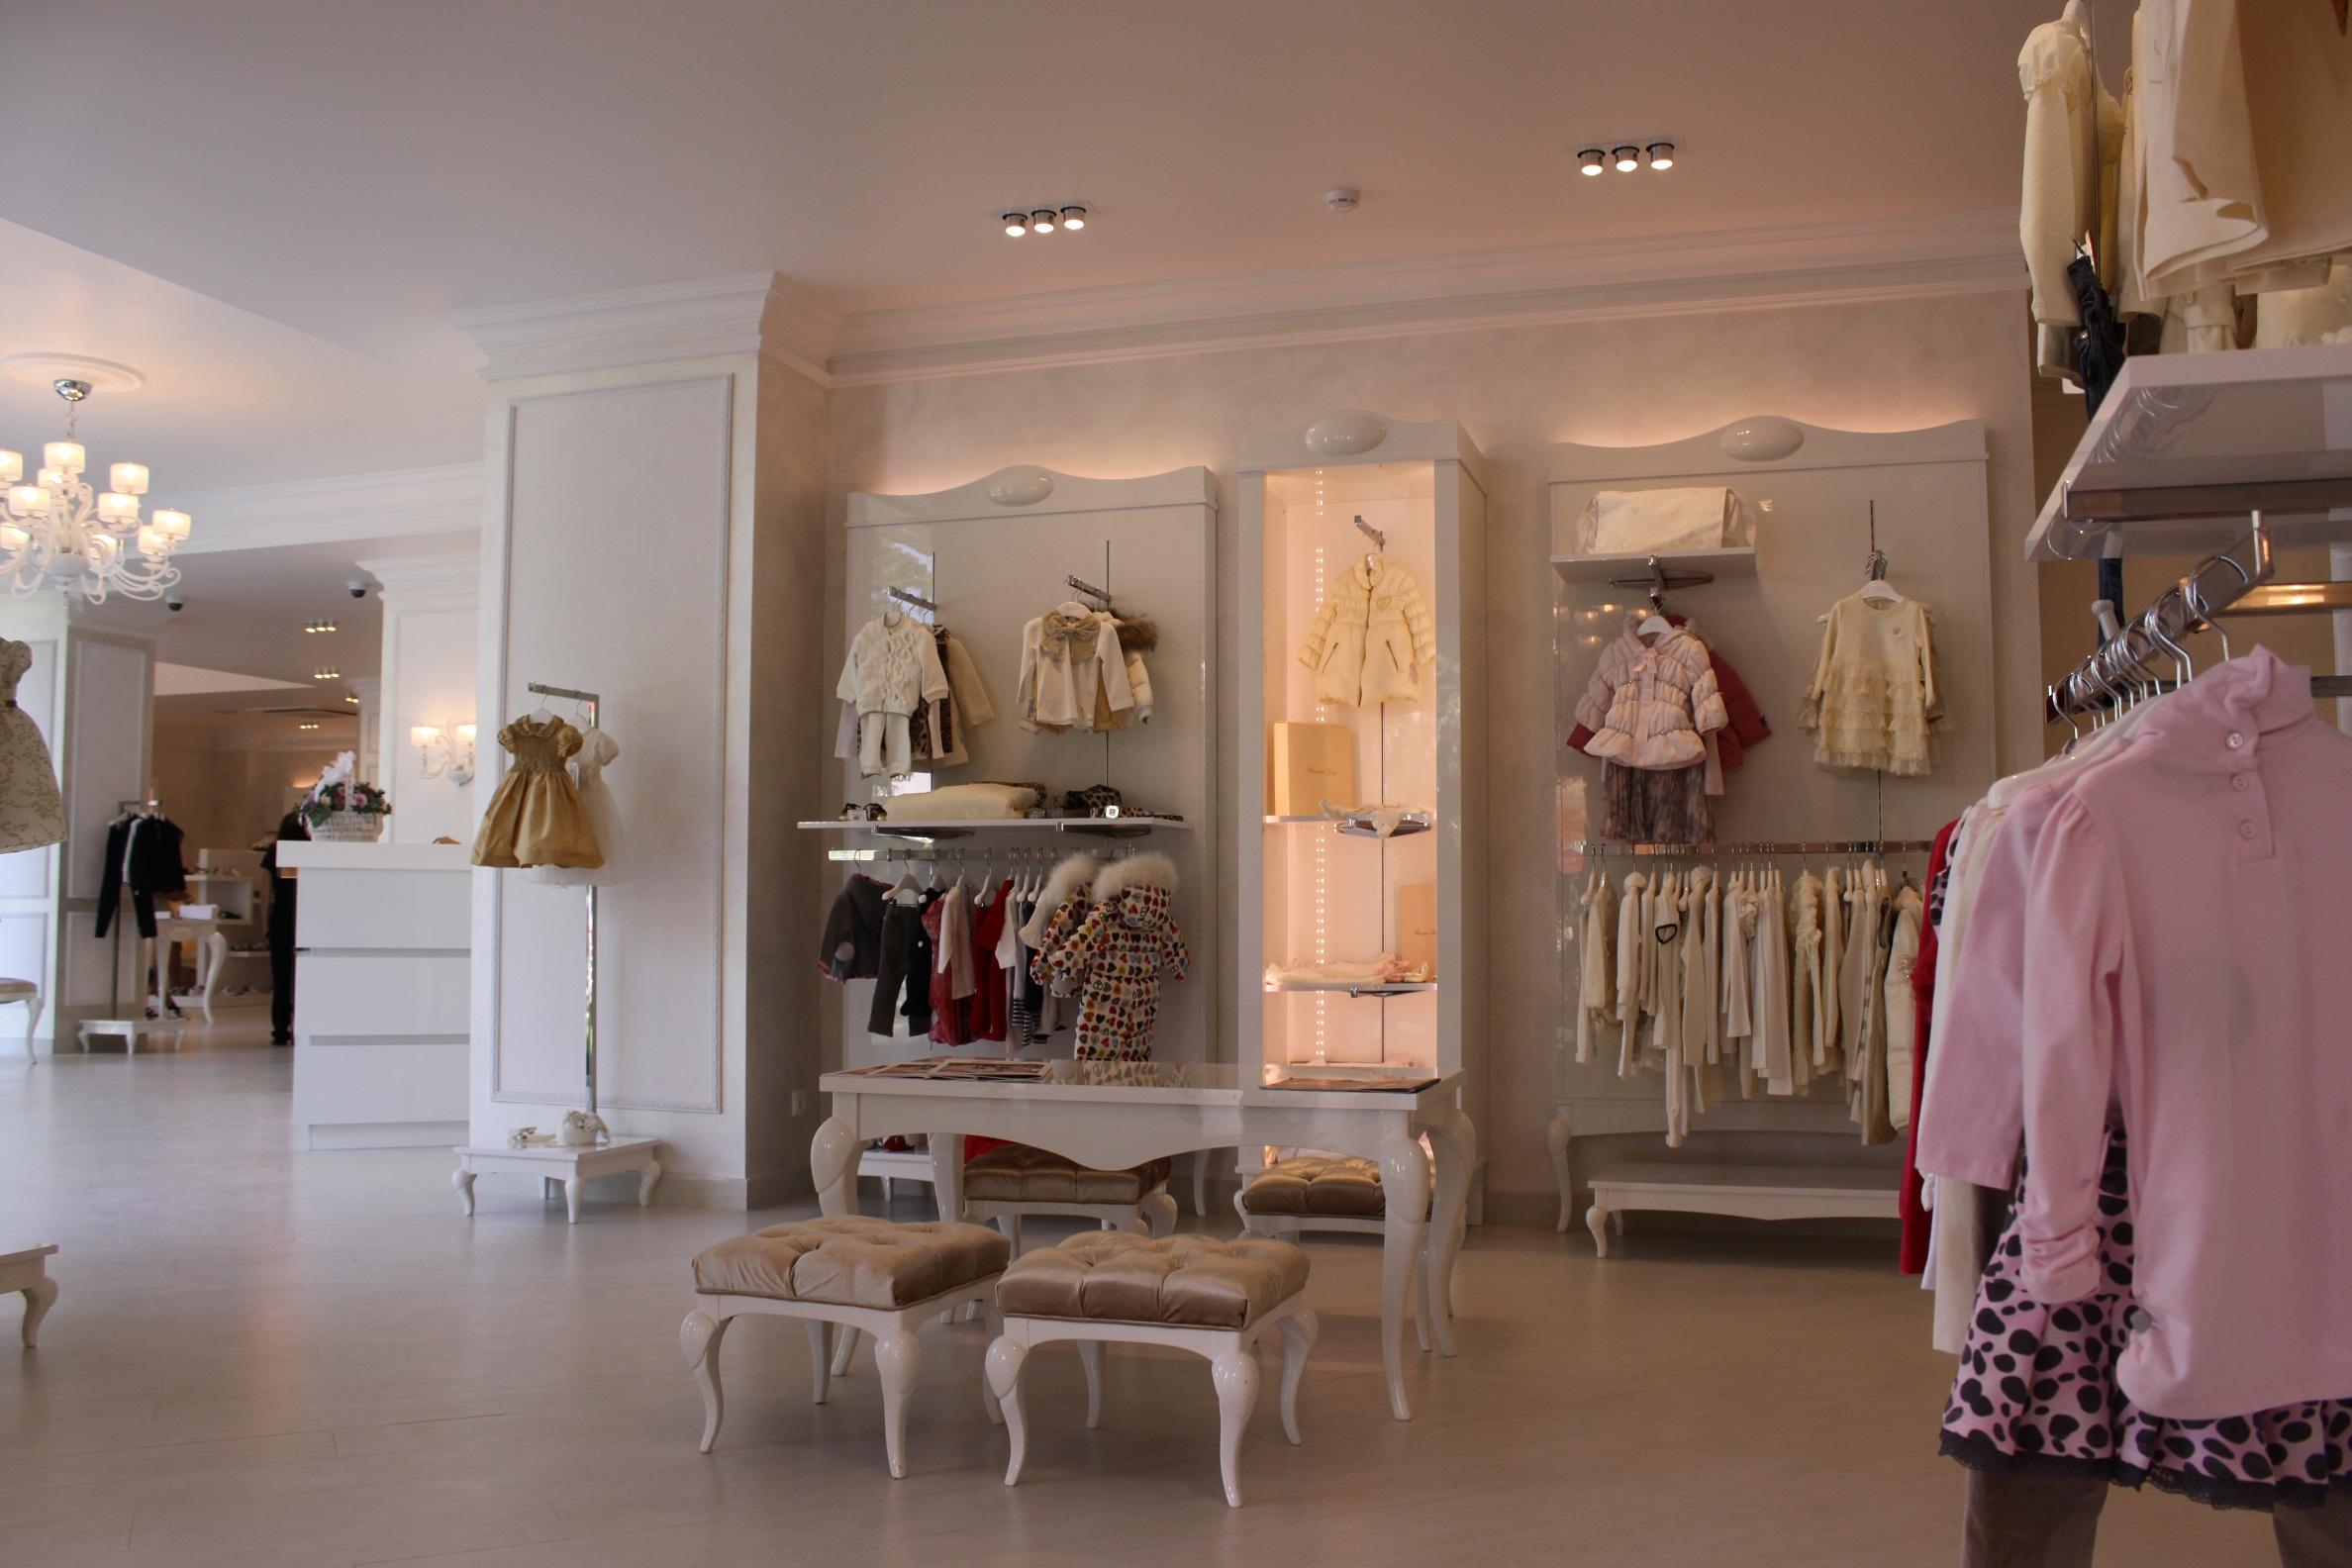 Arredamenti negozi milano best arredamento negozi ottica for Negozi arredamento milano economici